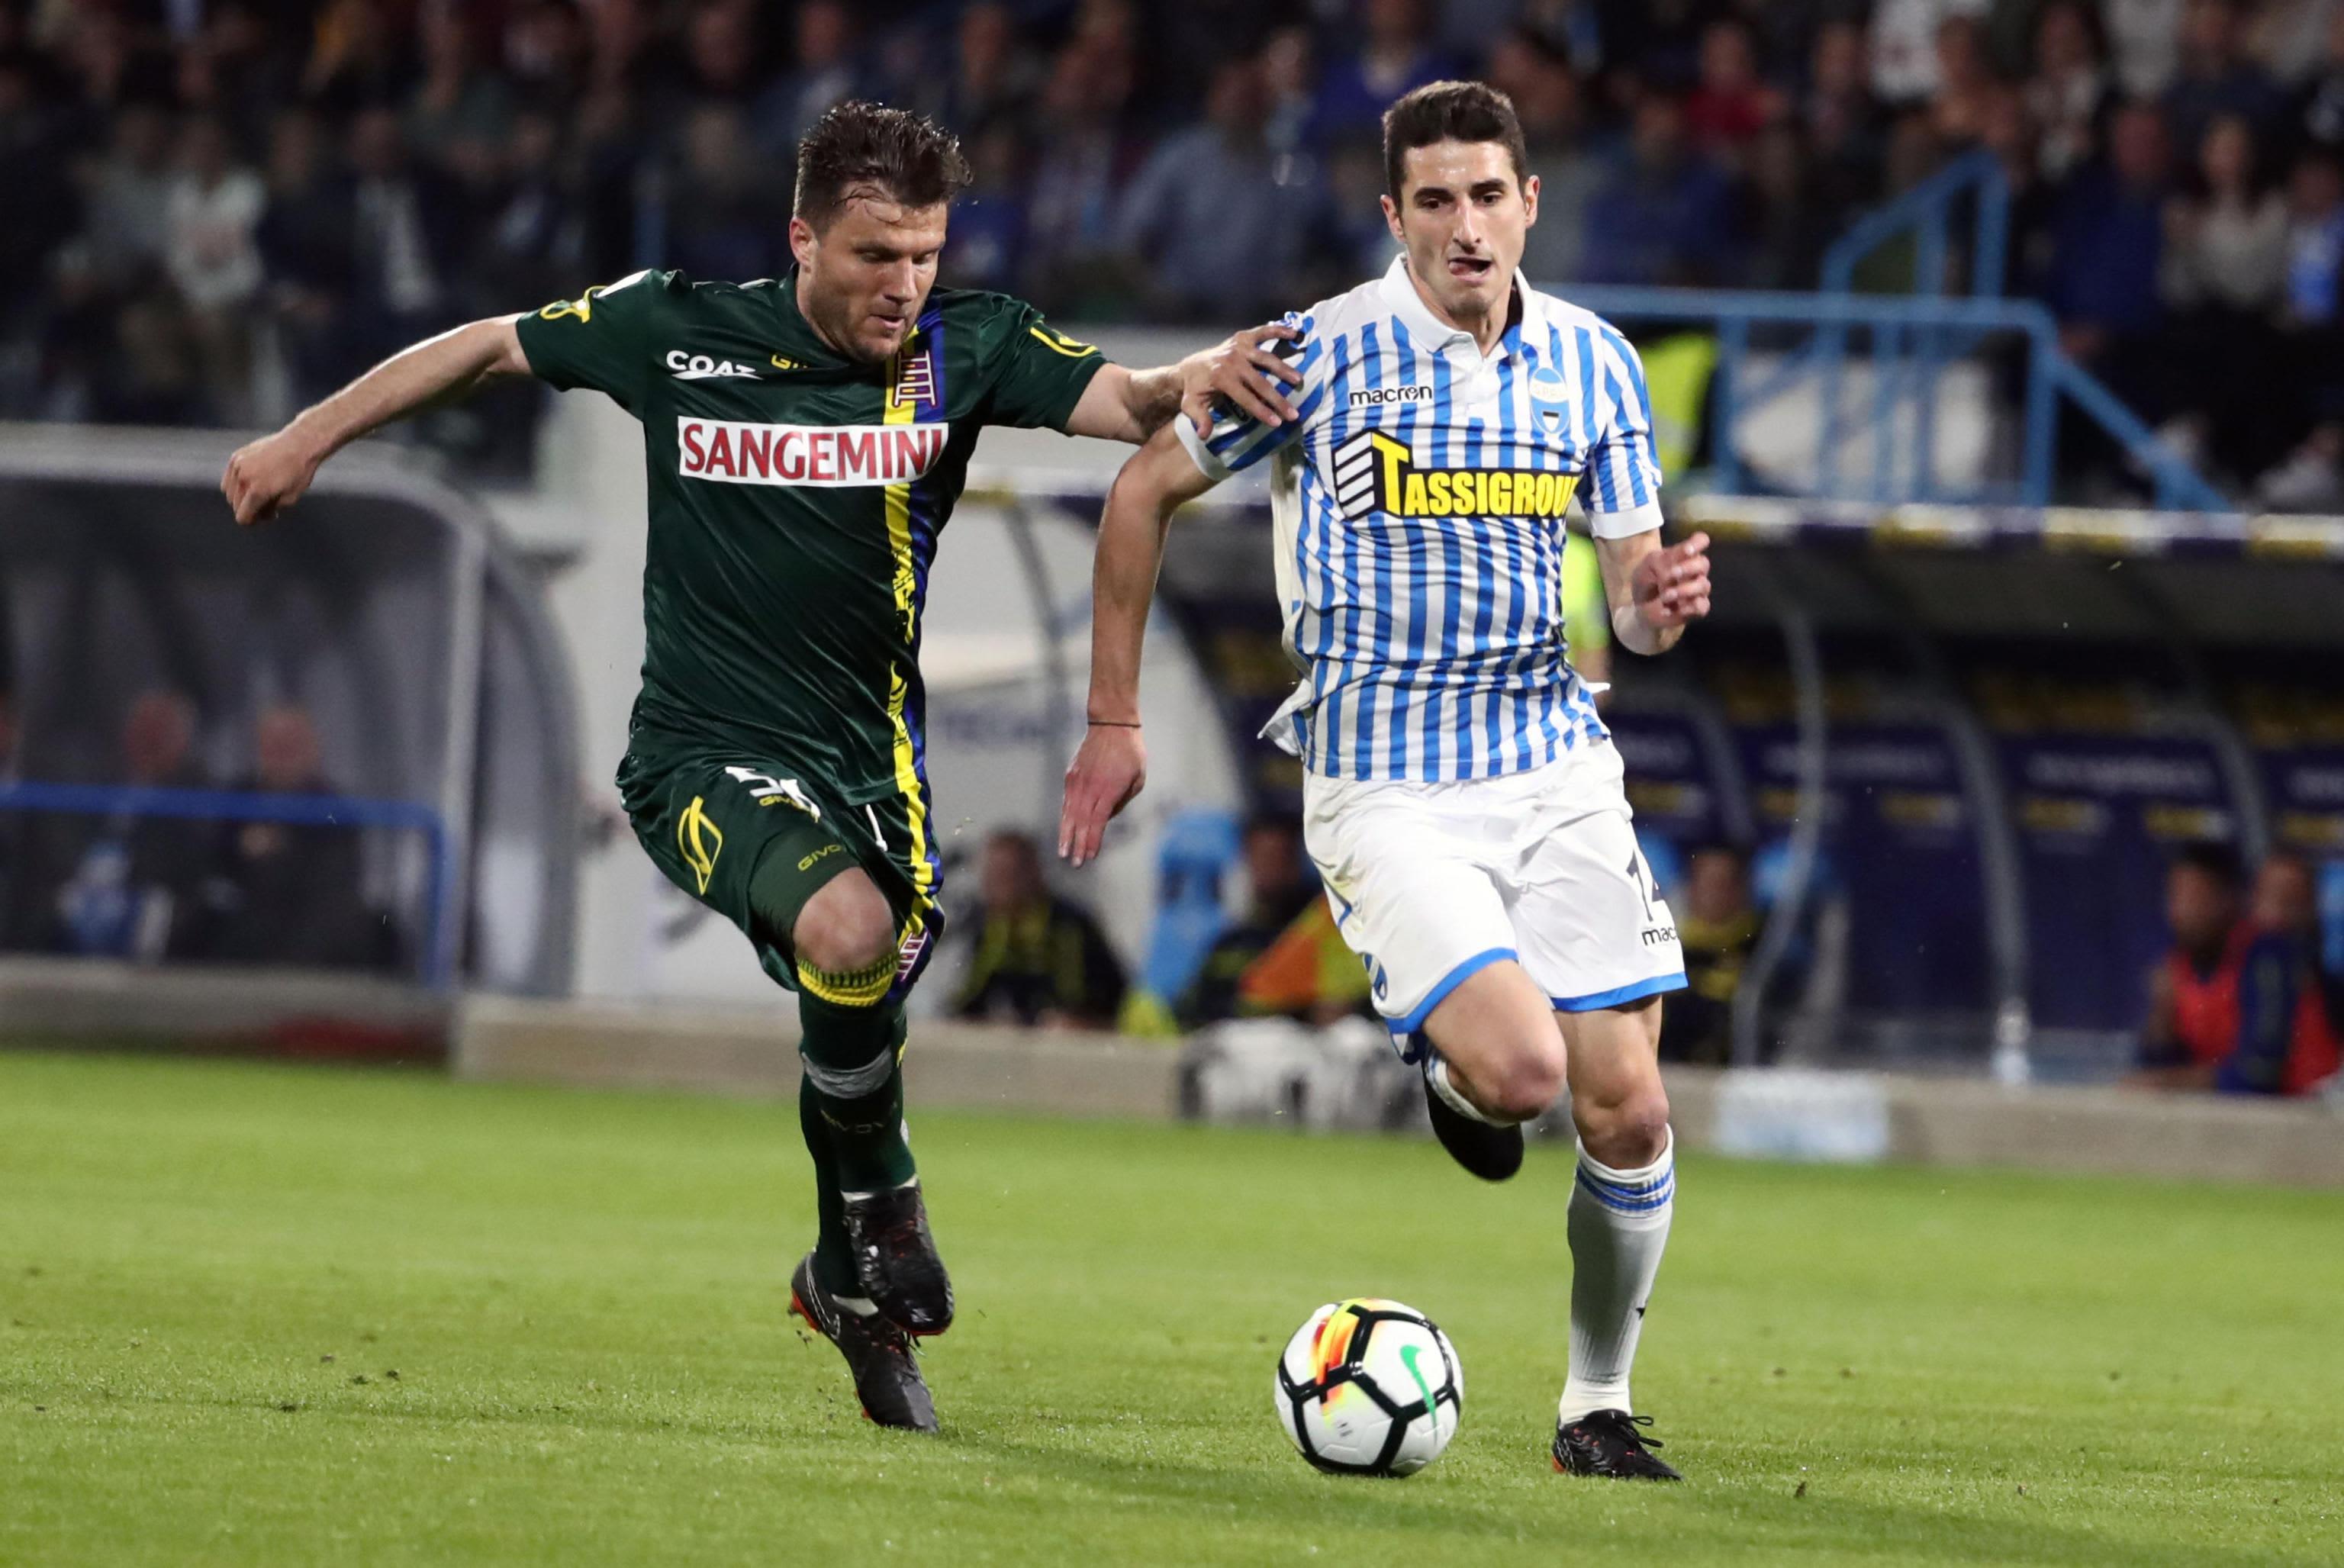 Chievon Perparim Hetemaj ja Spalin Federico Mattiello pallon tavoittelussa Serie A -ottelussa.